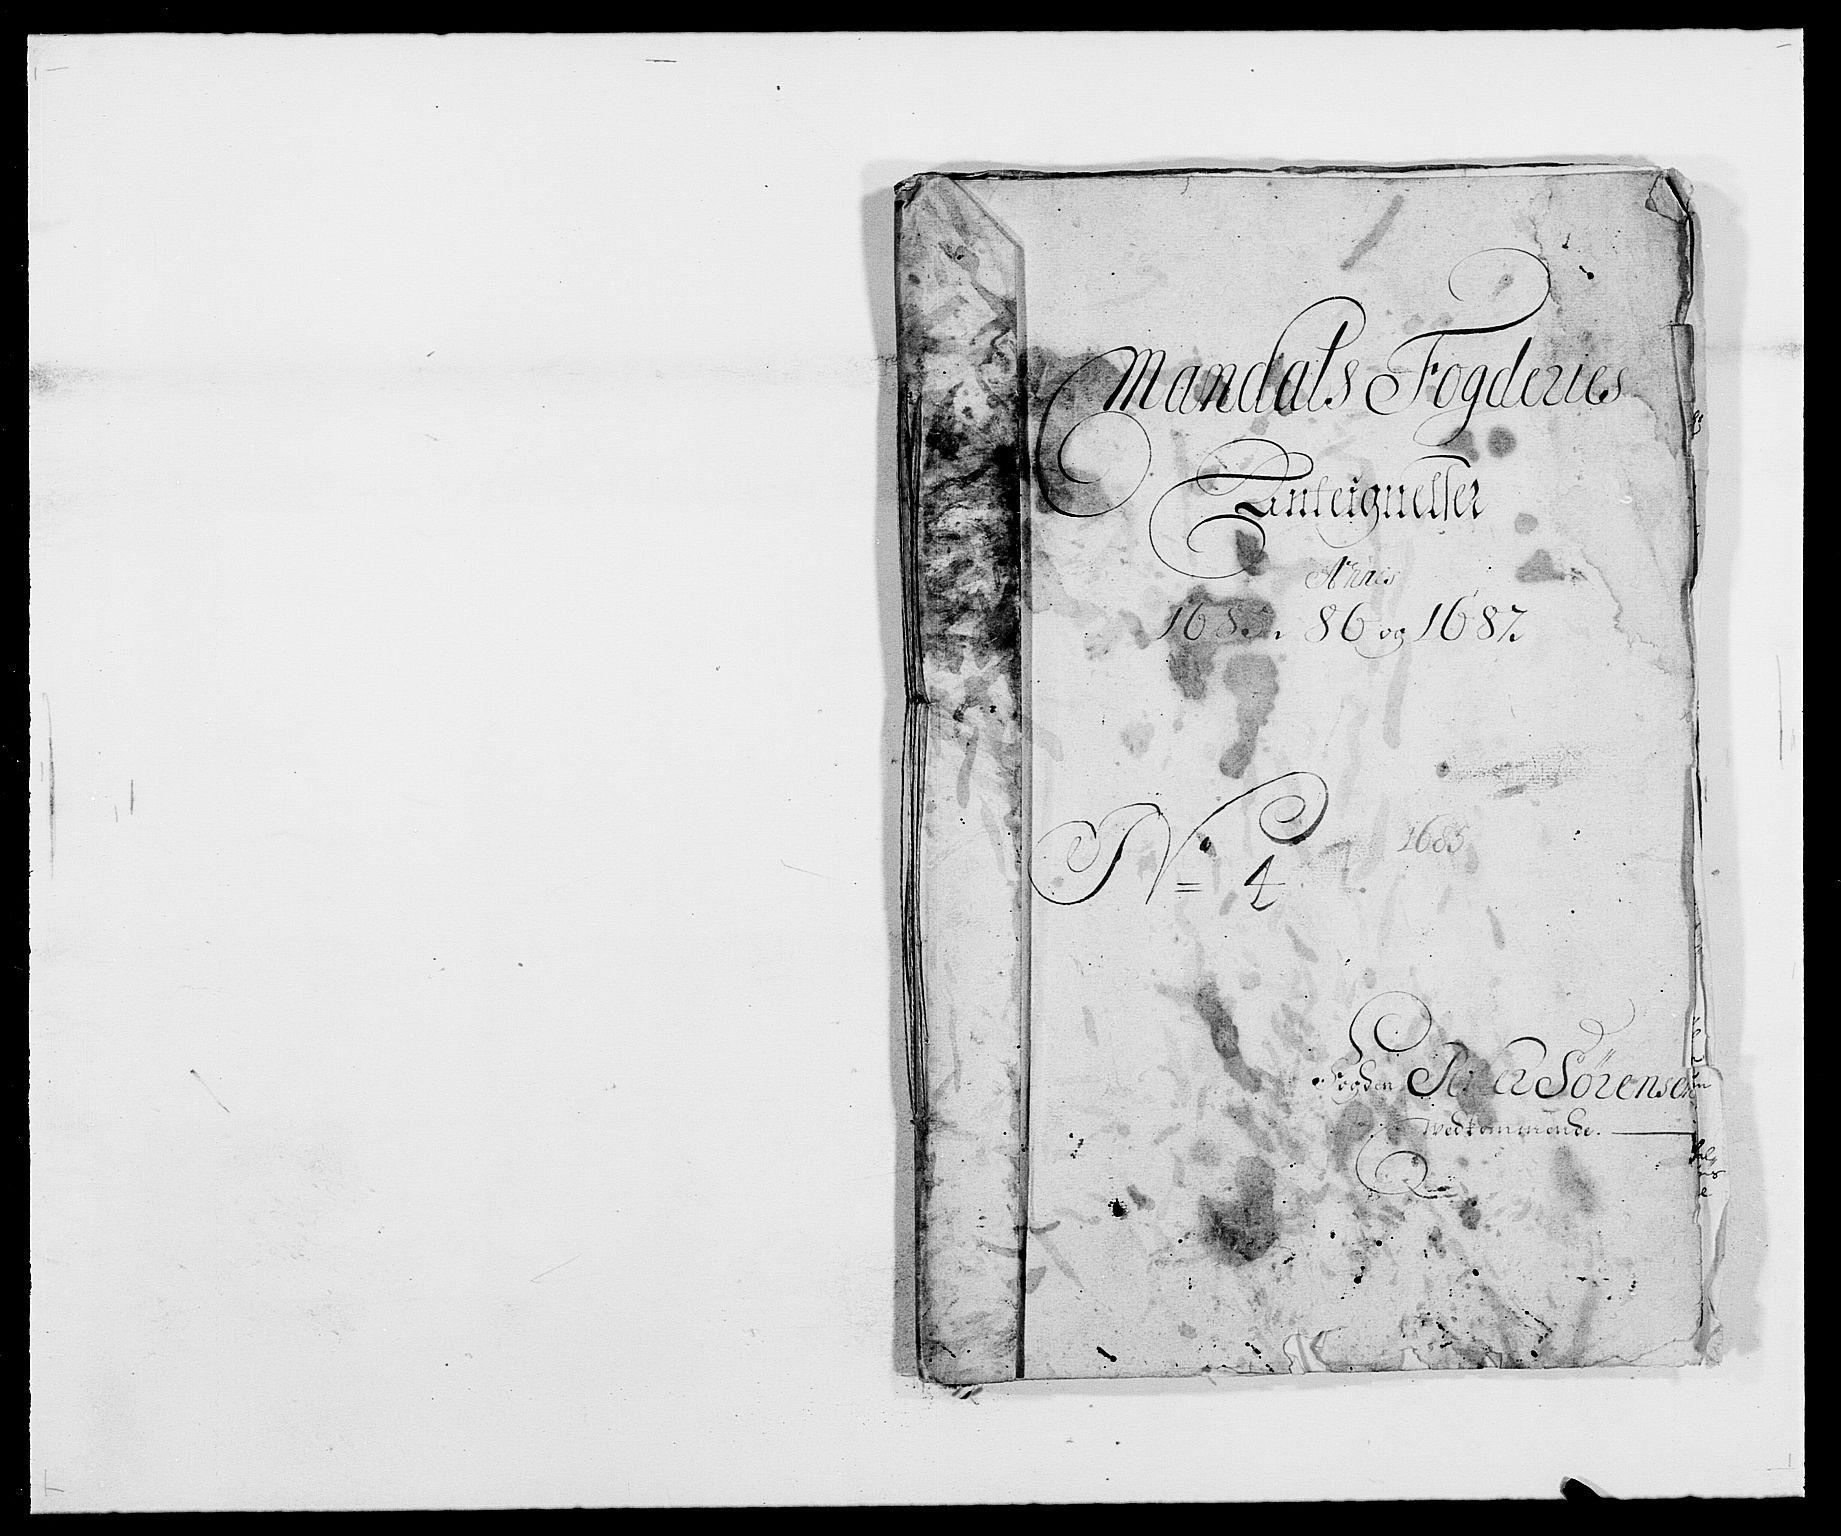 RA, Rentekammeret inntil 1814, Reviderte regnskaper, Fogderegnskap, R42/L2542: Mandal fogderi, 1685-1687, s. 287